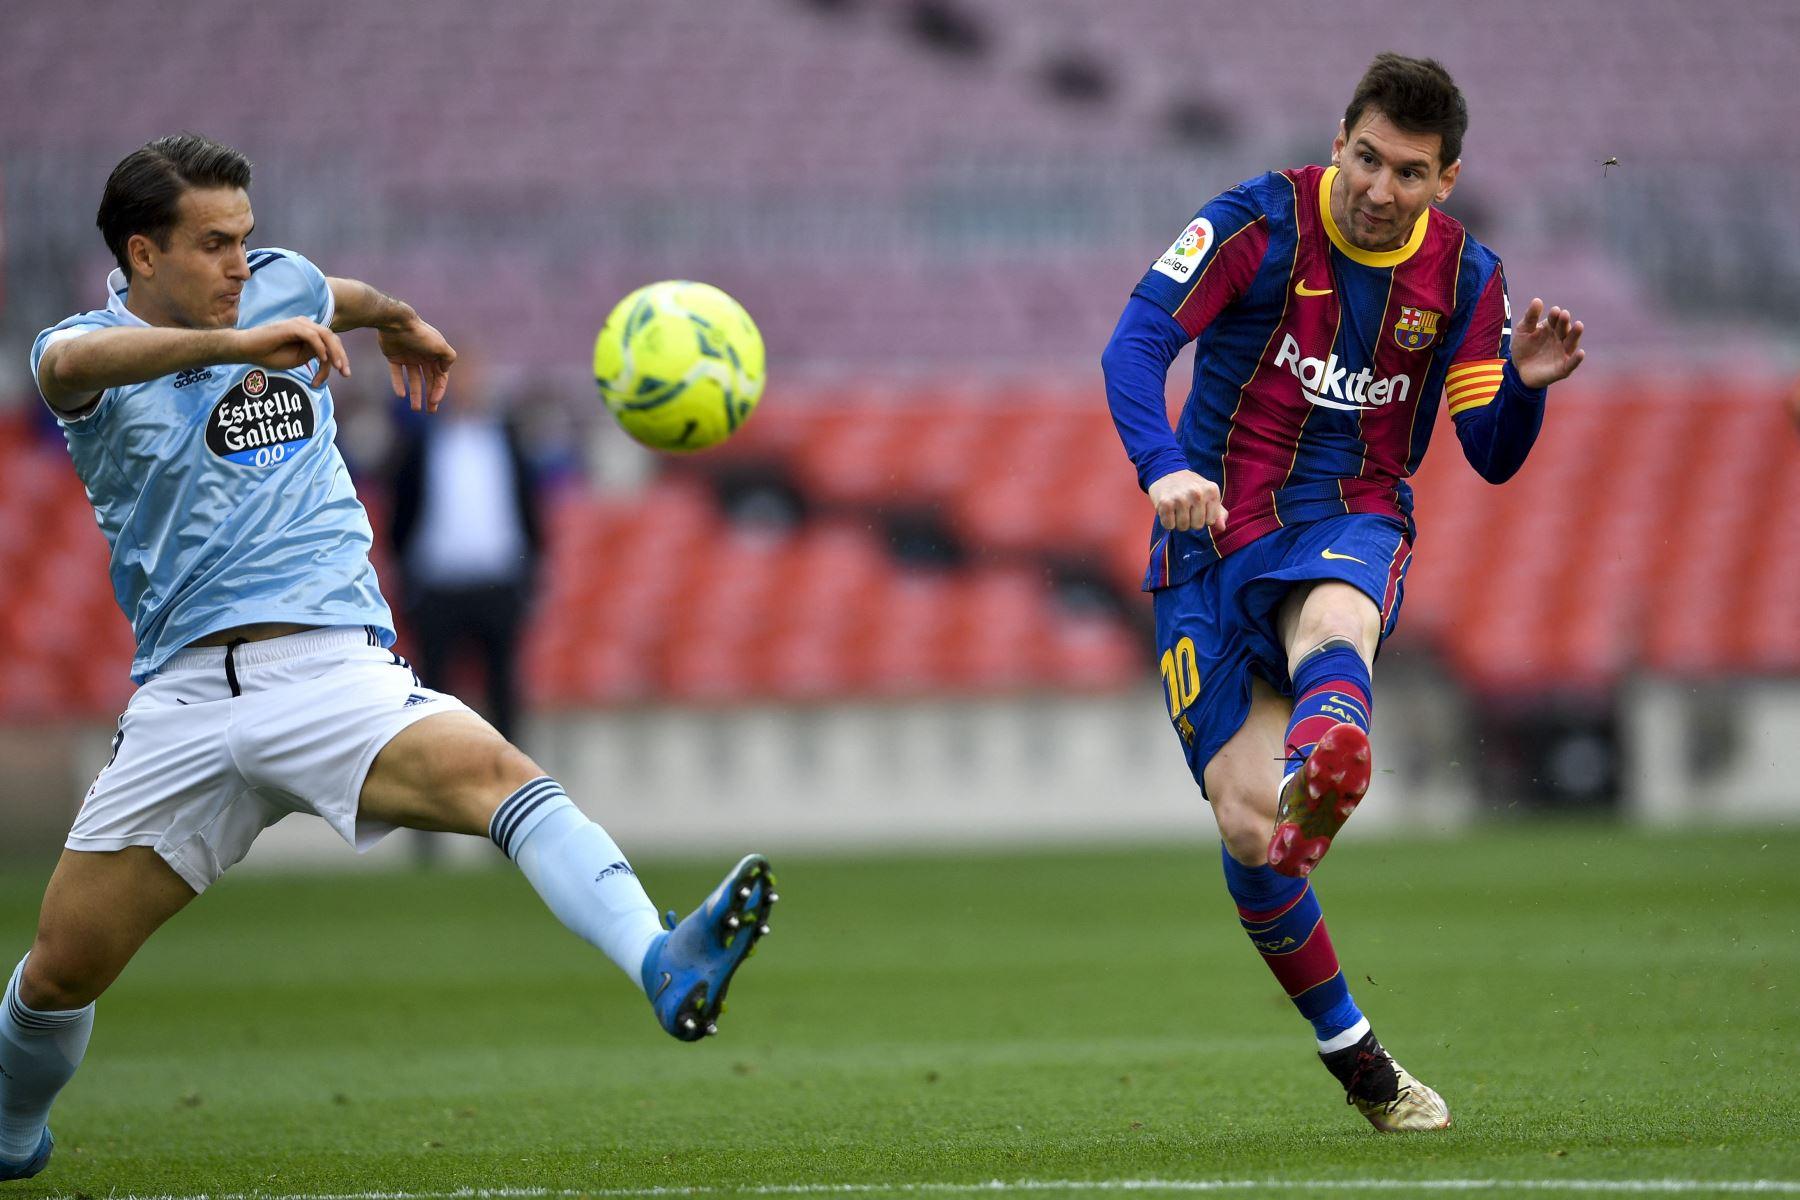 El centrocampista español del Celta Denis Suárez compite con el delantero argentino del Barcelona Lionel Messi durante el partido de fútbol de la Liga española entre el FC Barcelona y el RC Celta de Vigo. Foto: AFP